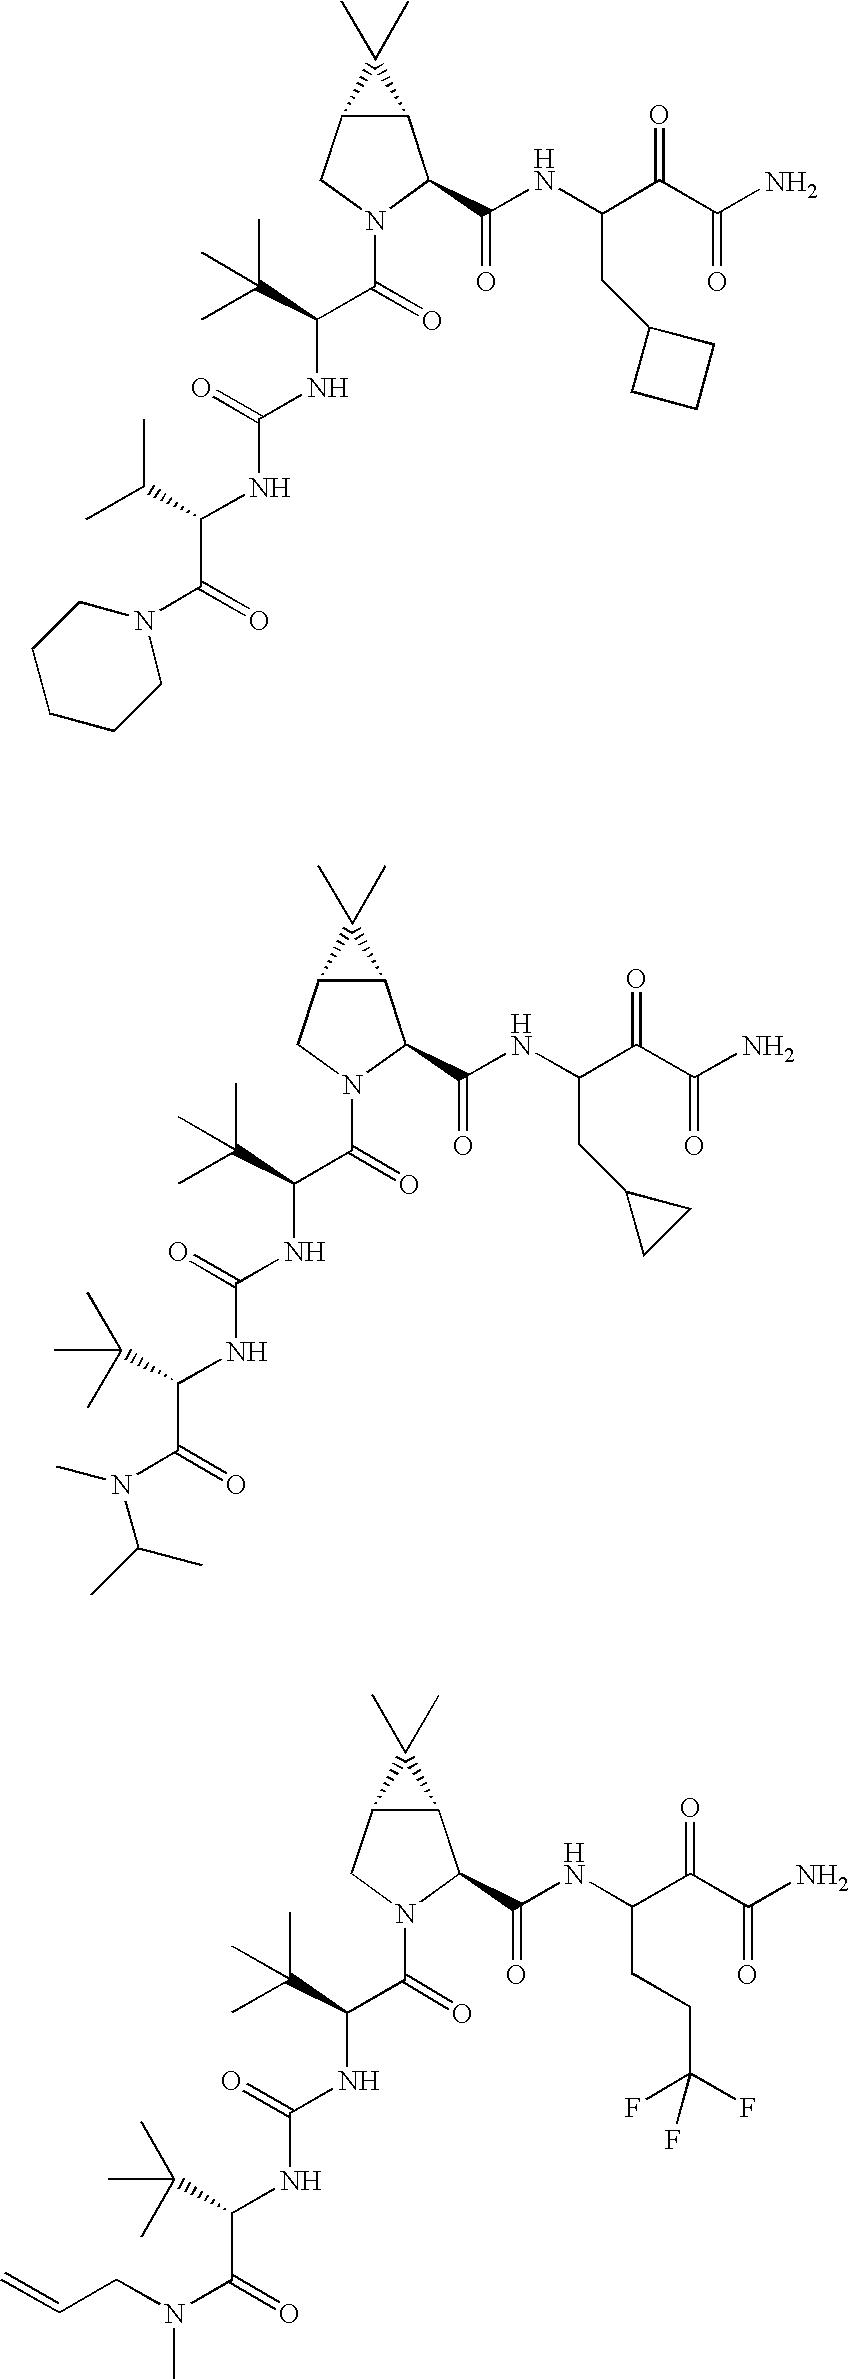 Figure US20060287248A1-20061221-C00314